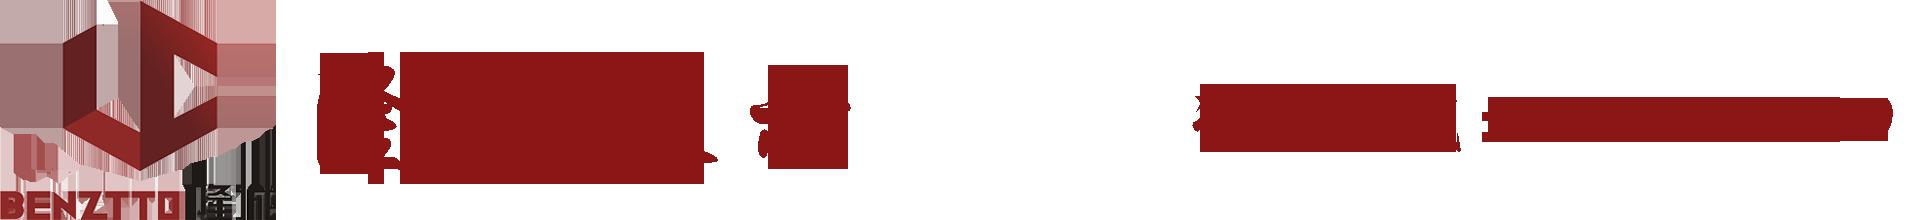 深圳市隆城展示有限公司1